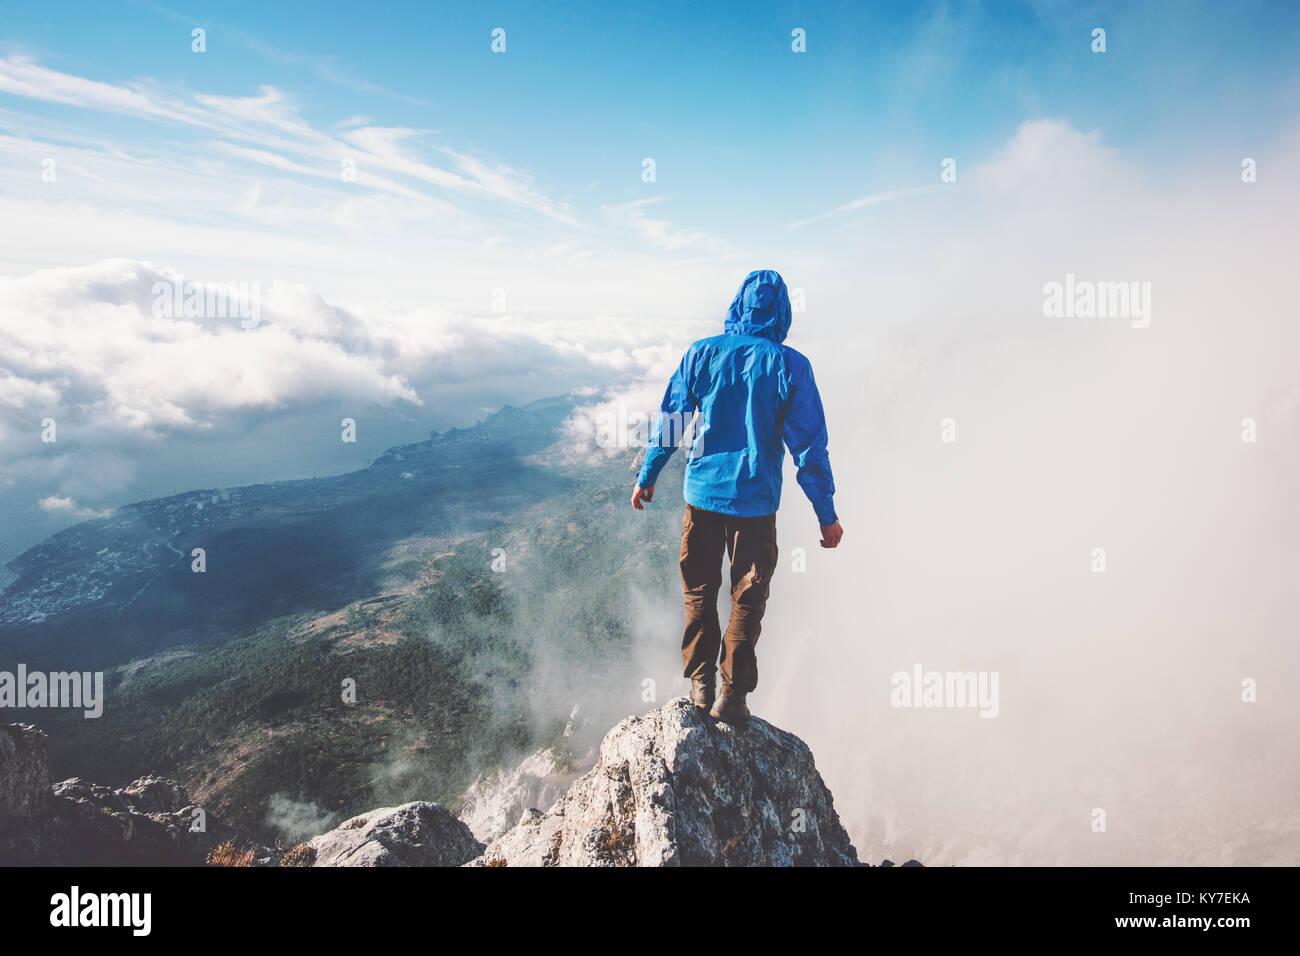 L'uomo viandante sulla scogliera di montagna gode di vista aerea oltre le nuvole stile di vita viaggio concetto Immagini Stock